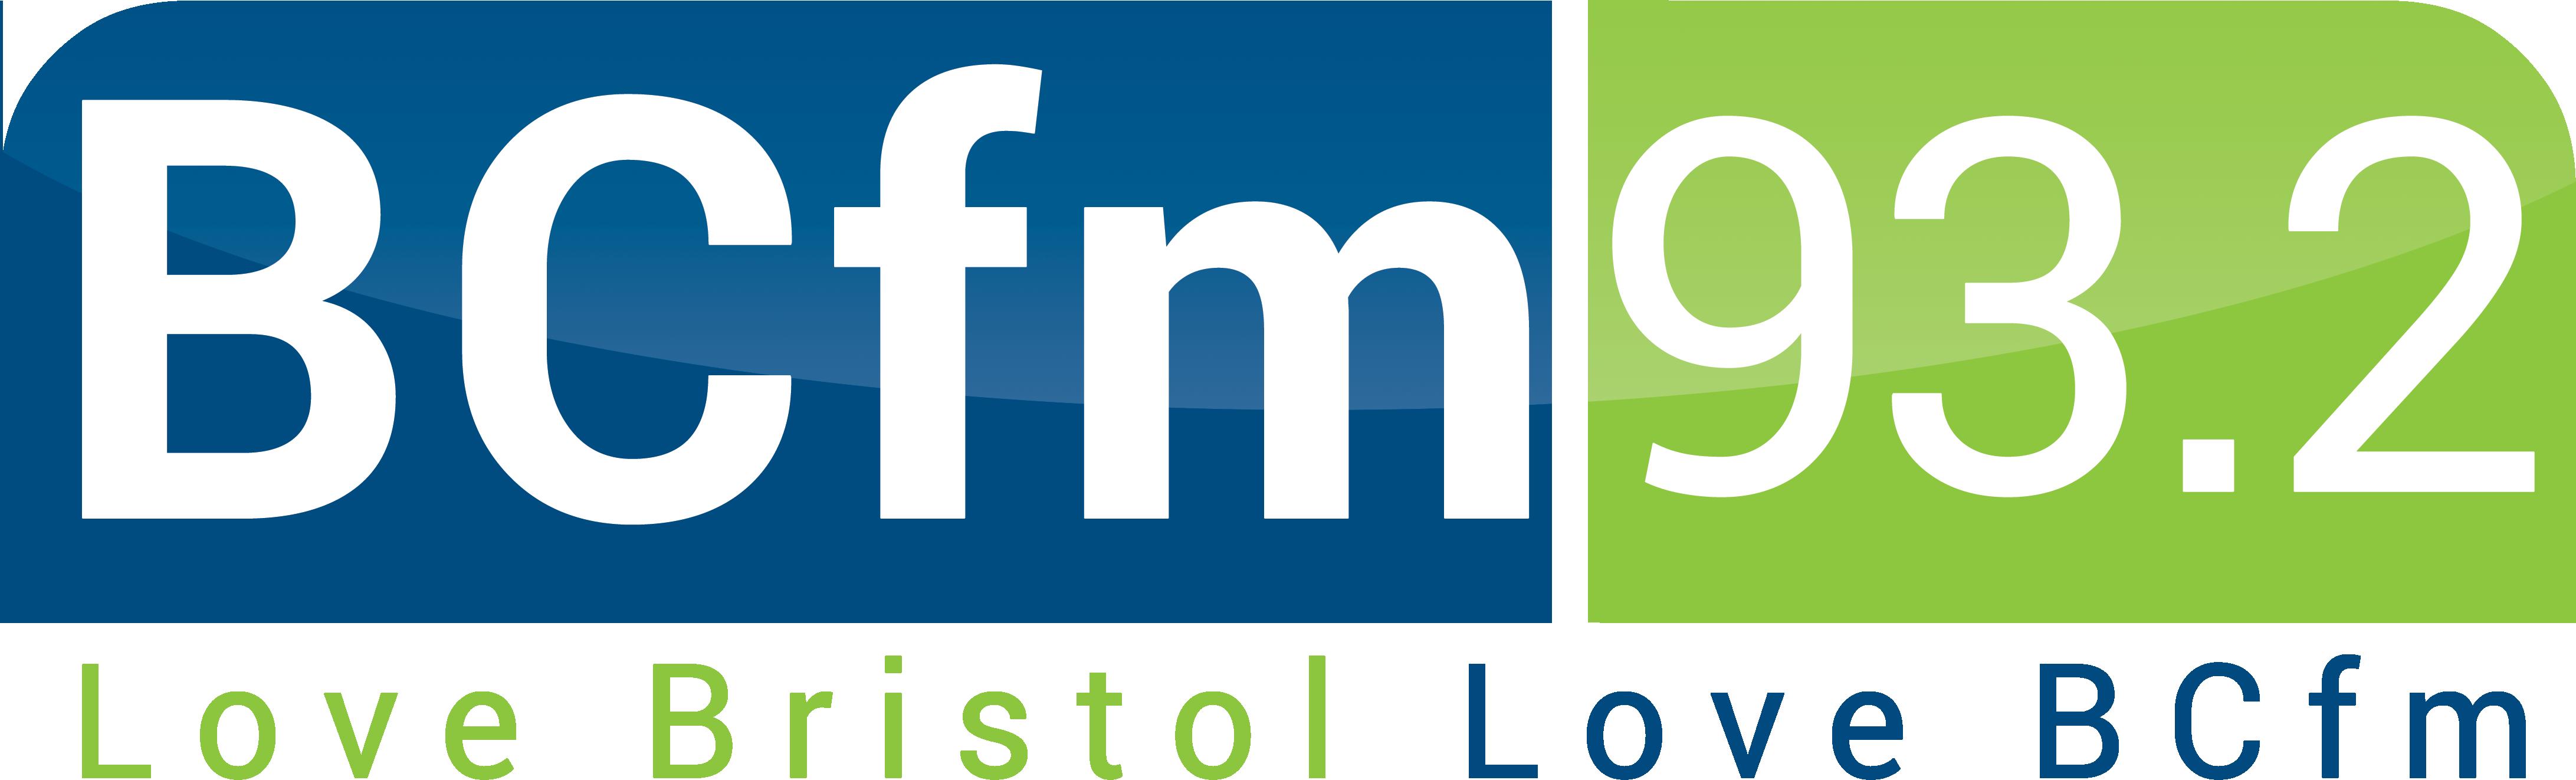 bcfm_logo.png